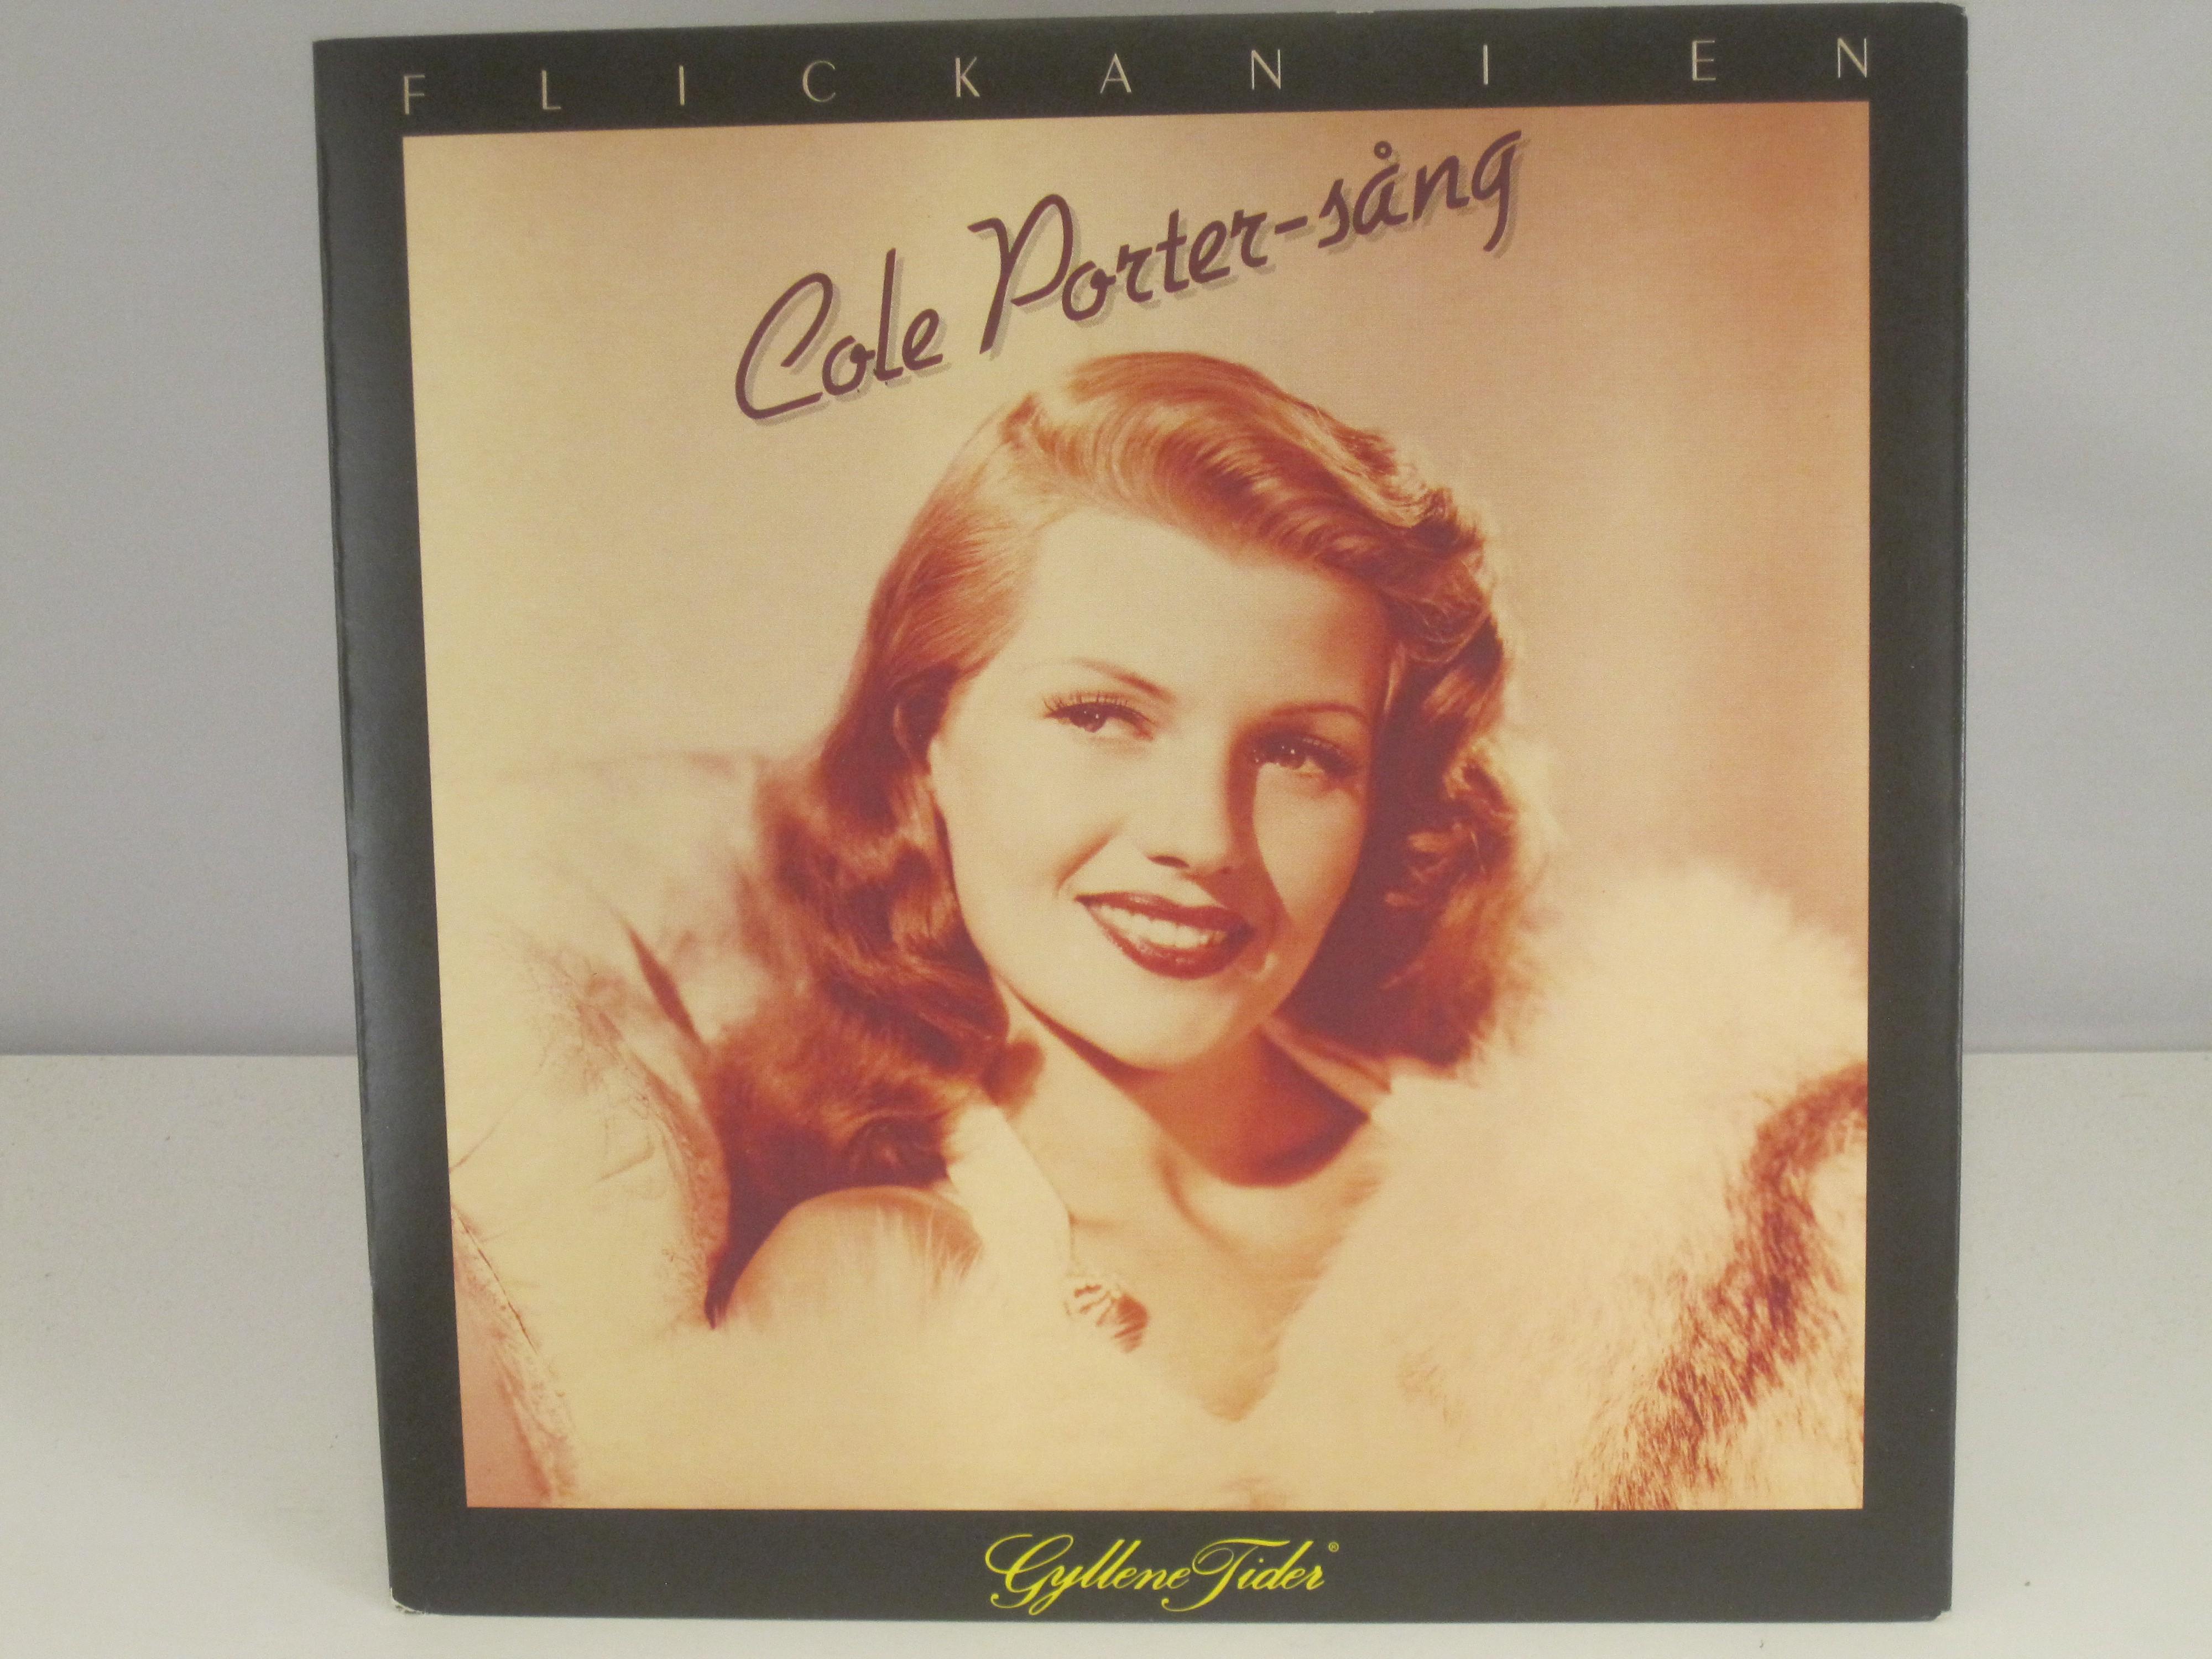 GYLLENE TIDER : Flickan i en Cole Porter-sång / I go to pieces